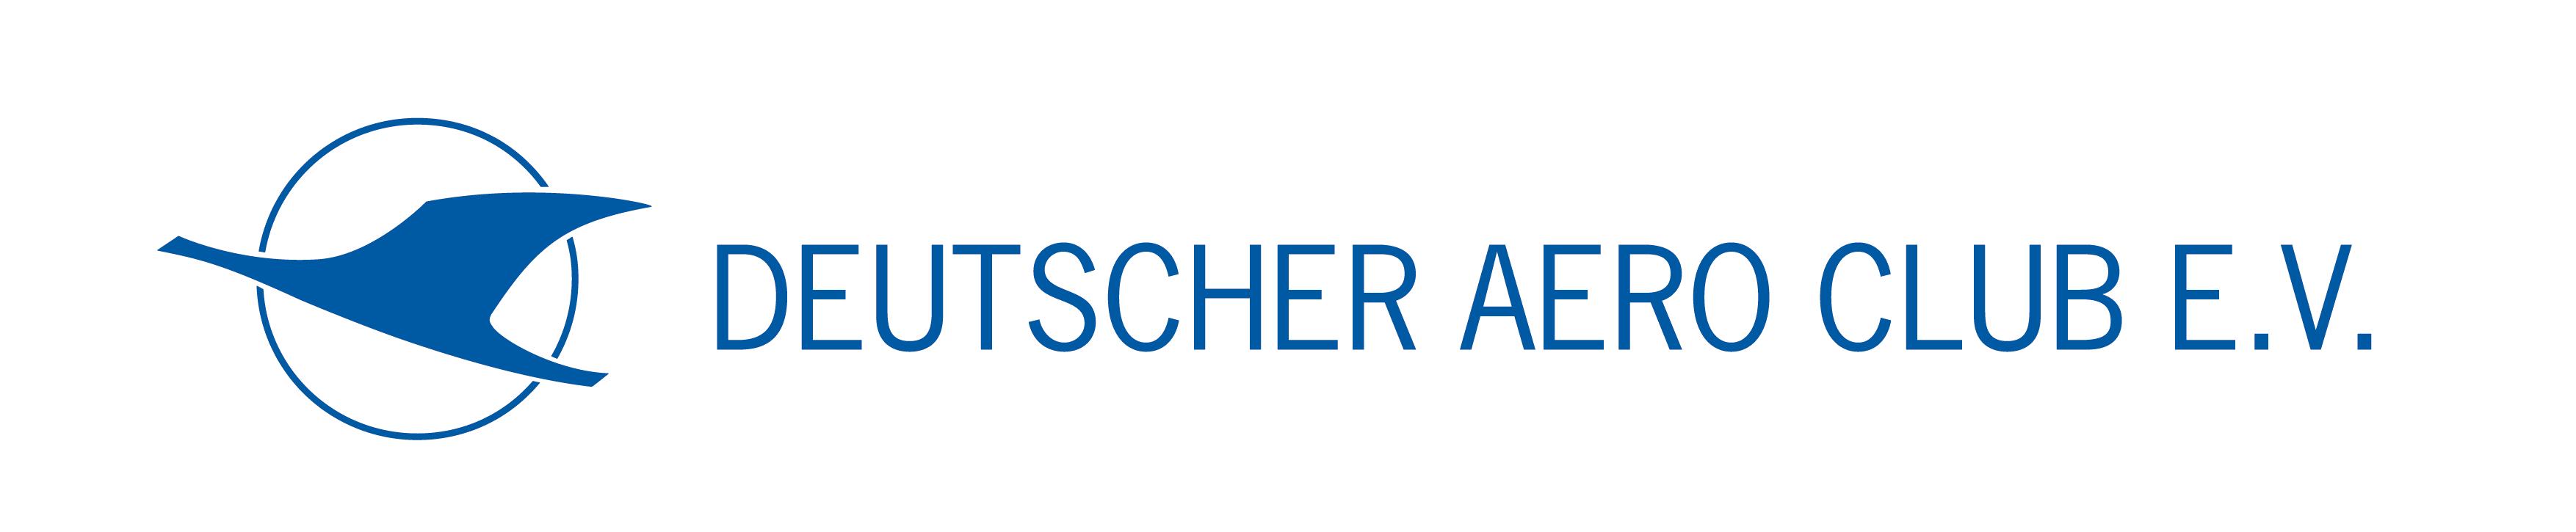 Deutscher Aero Club e.V.